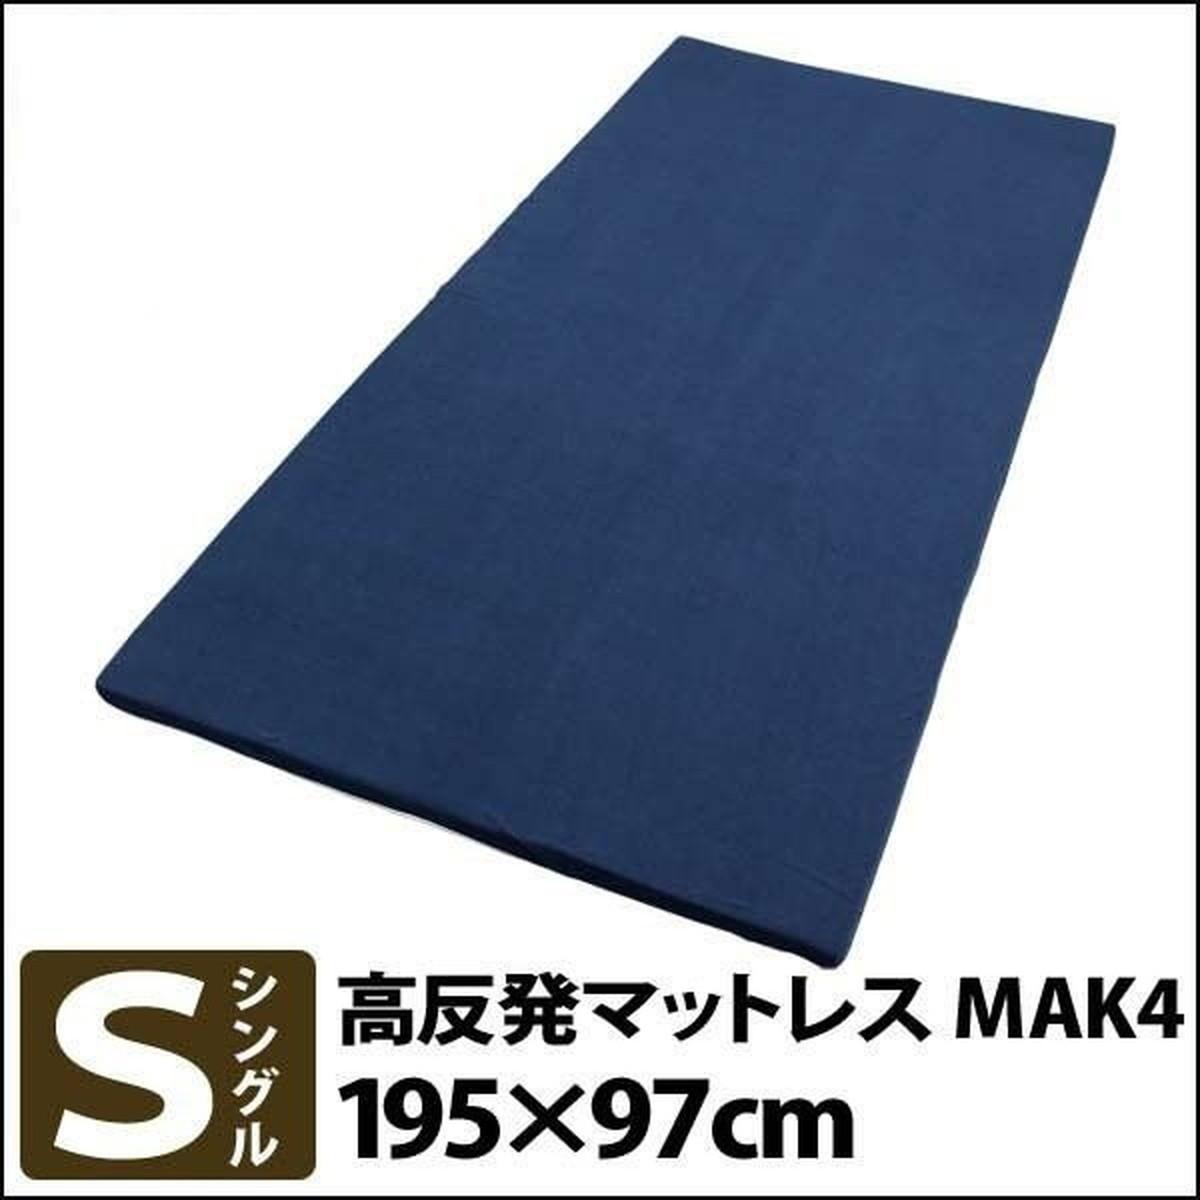 アイリスオーヤマ 高反発マットレス MAK4-S ネイビー【クーポン配布中】